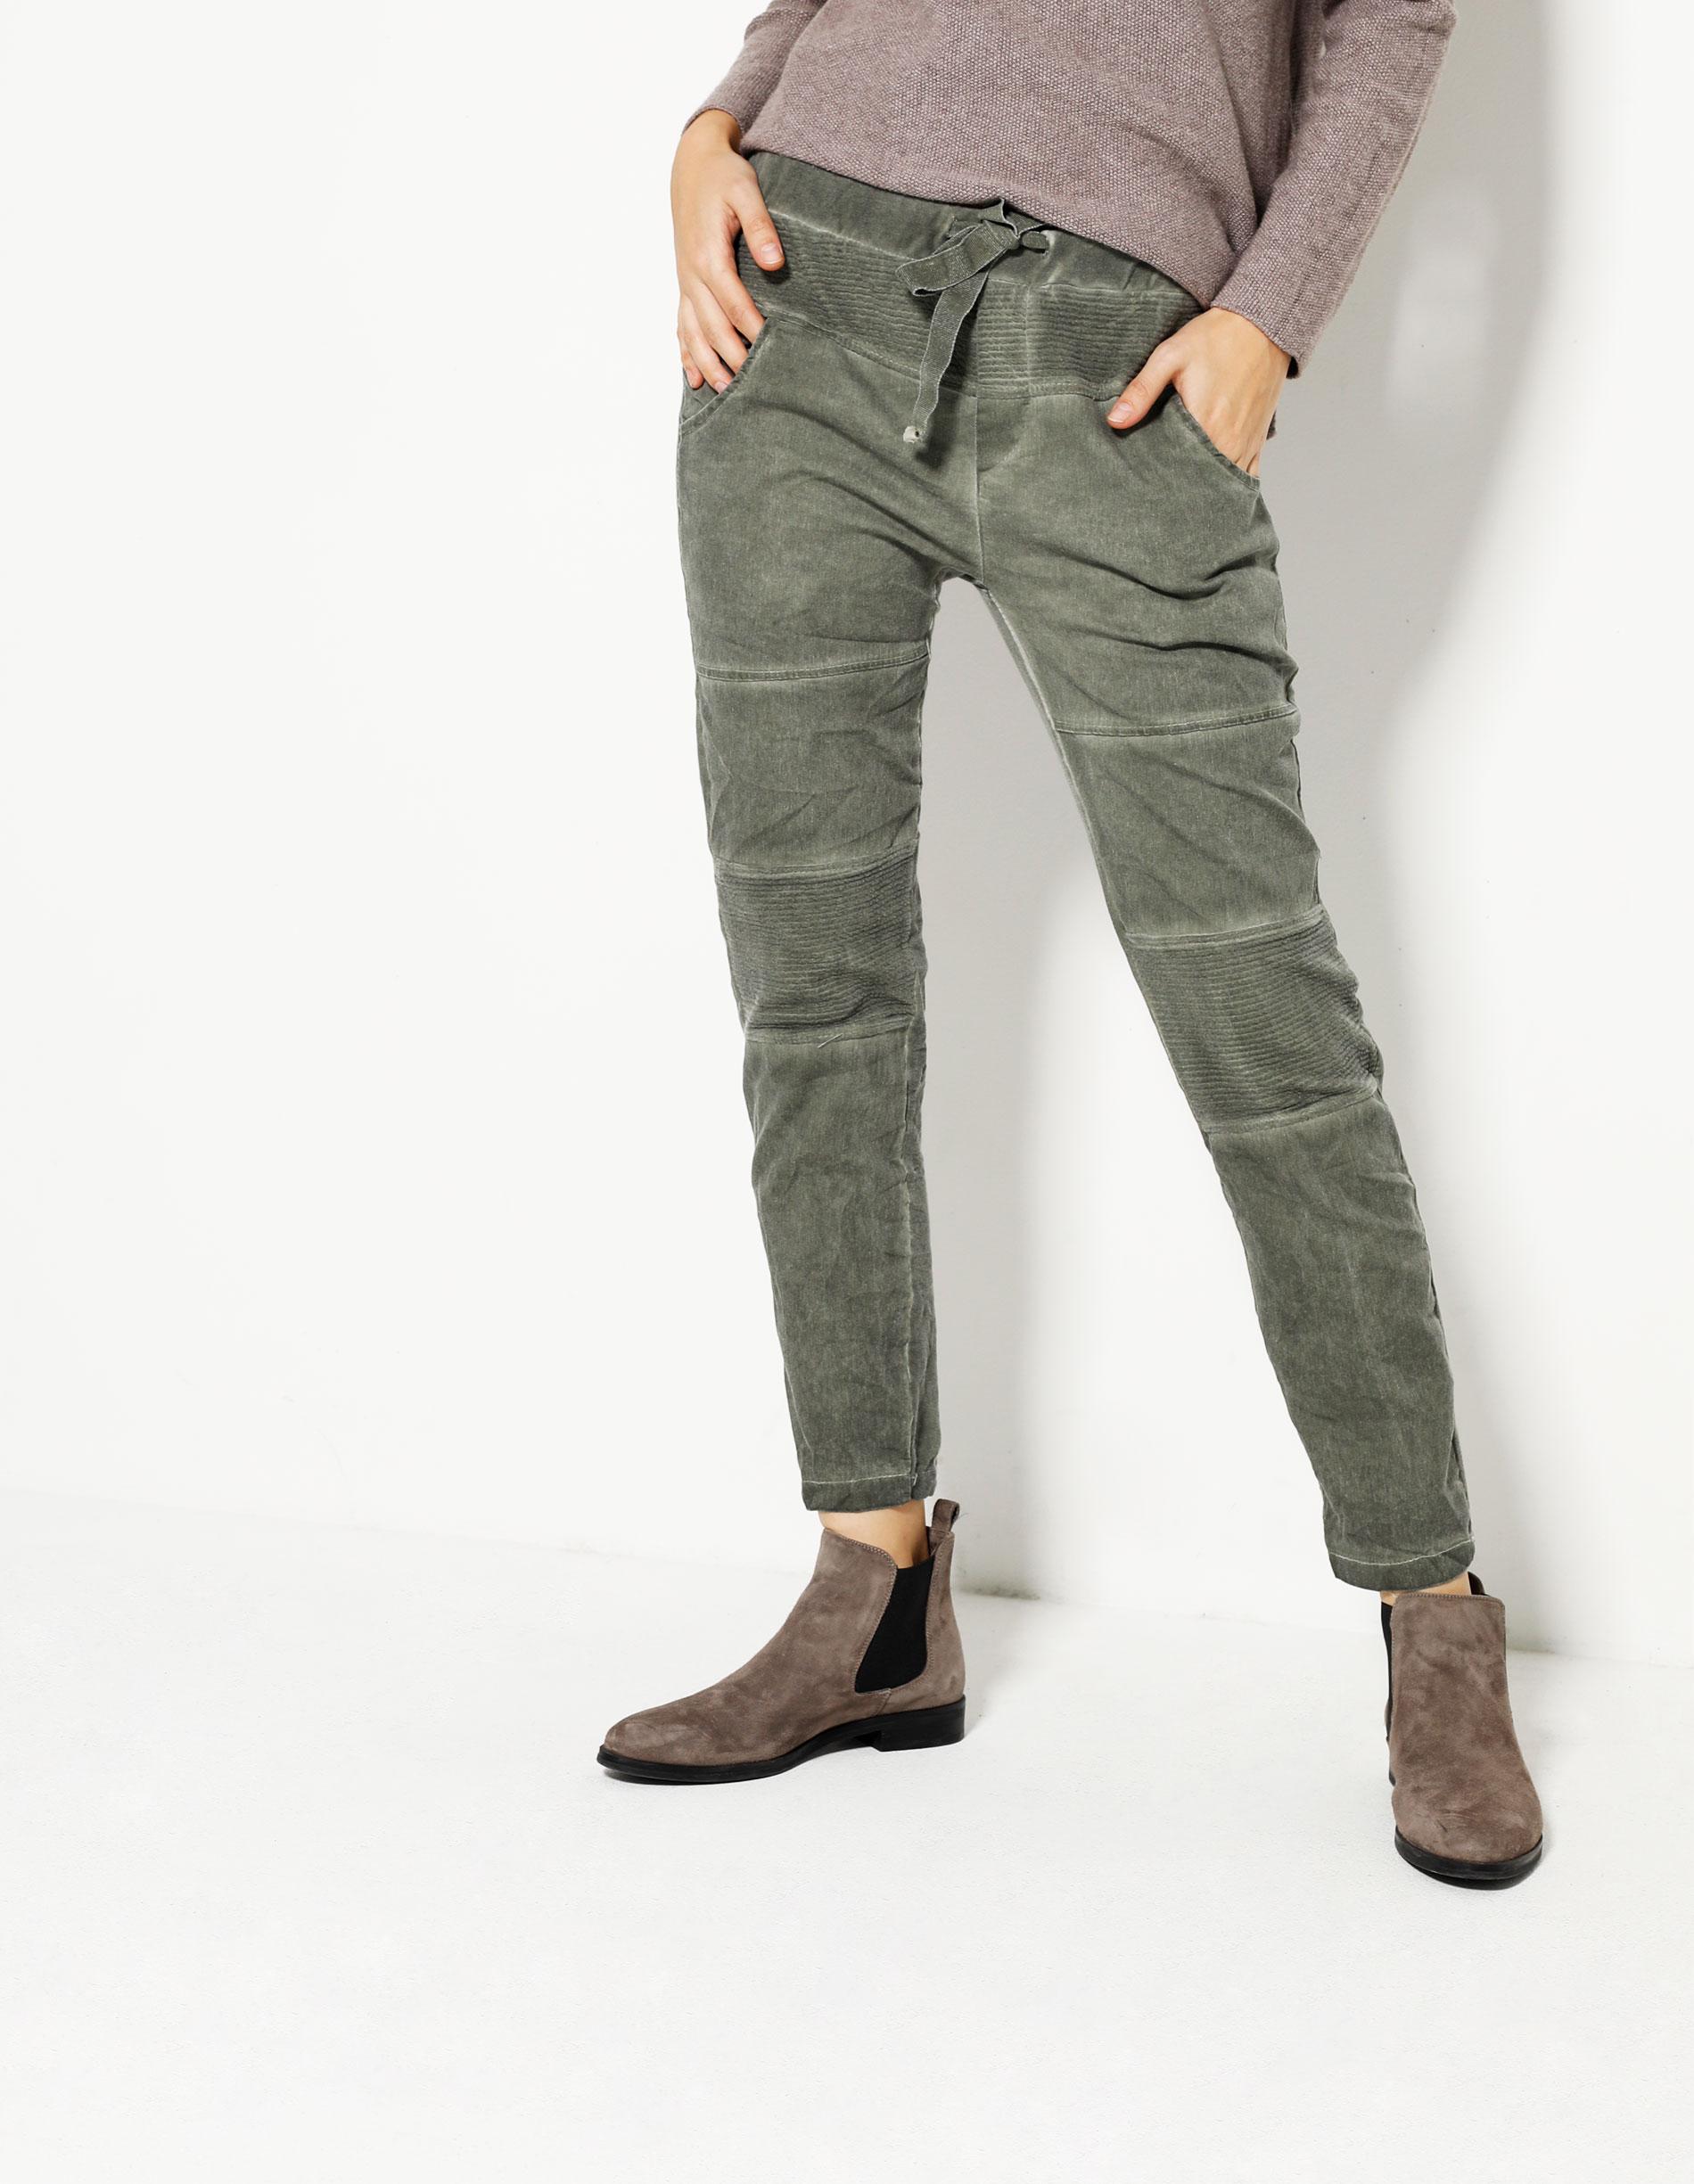 Spodnie - 156-6193C MIL - Unisono